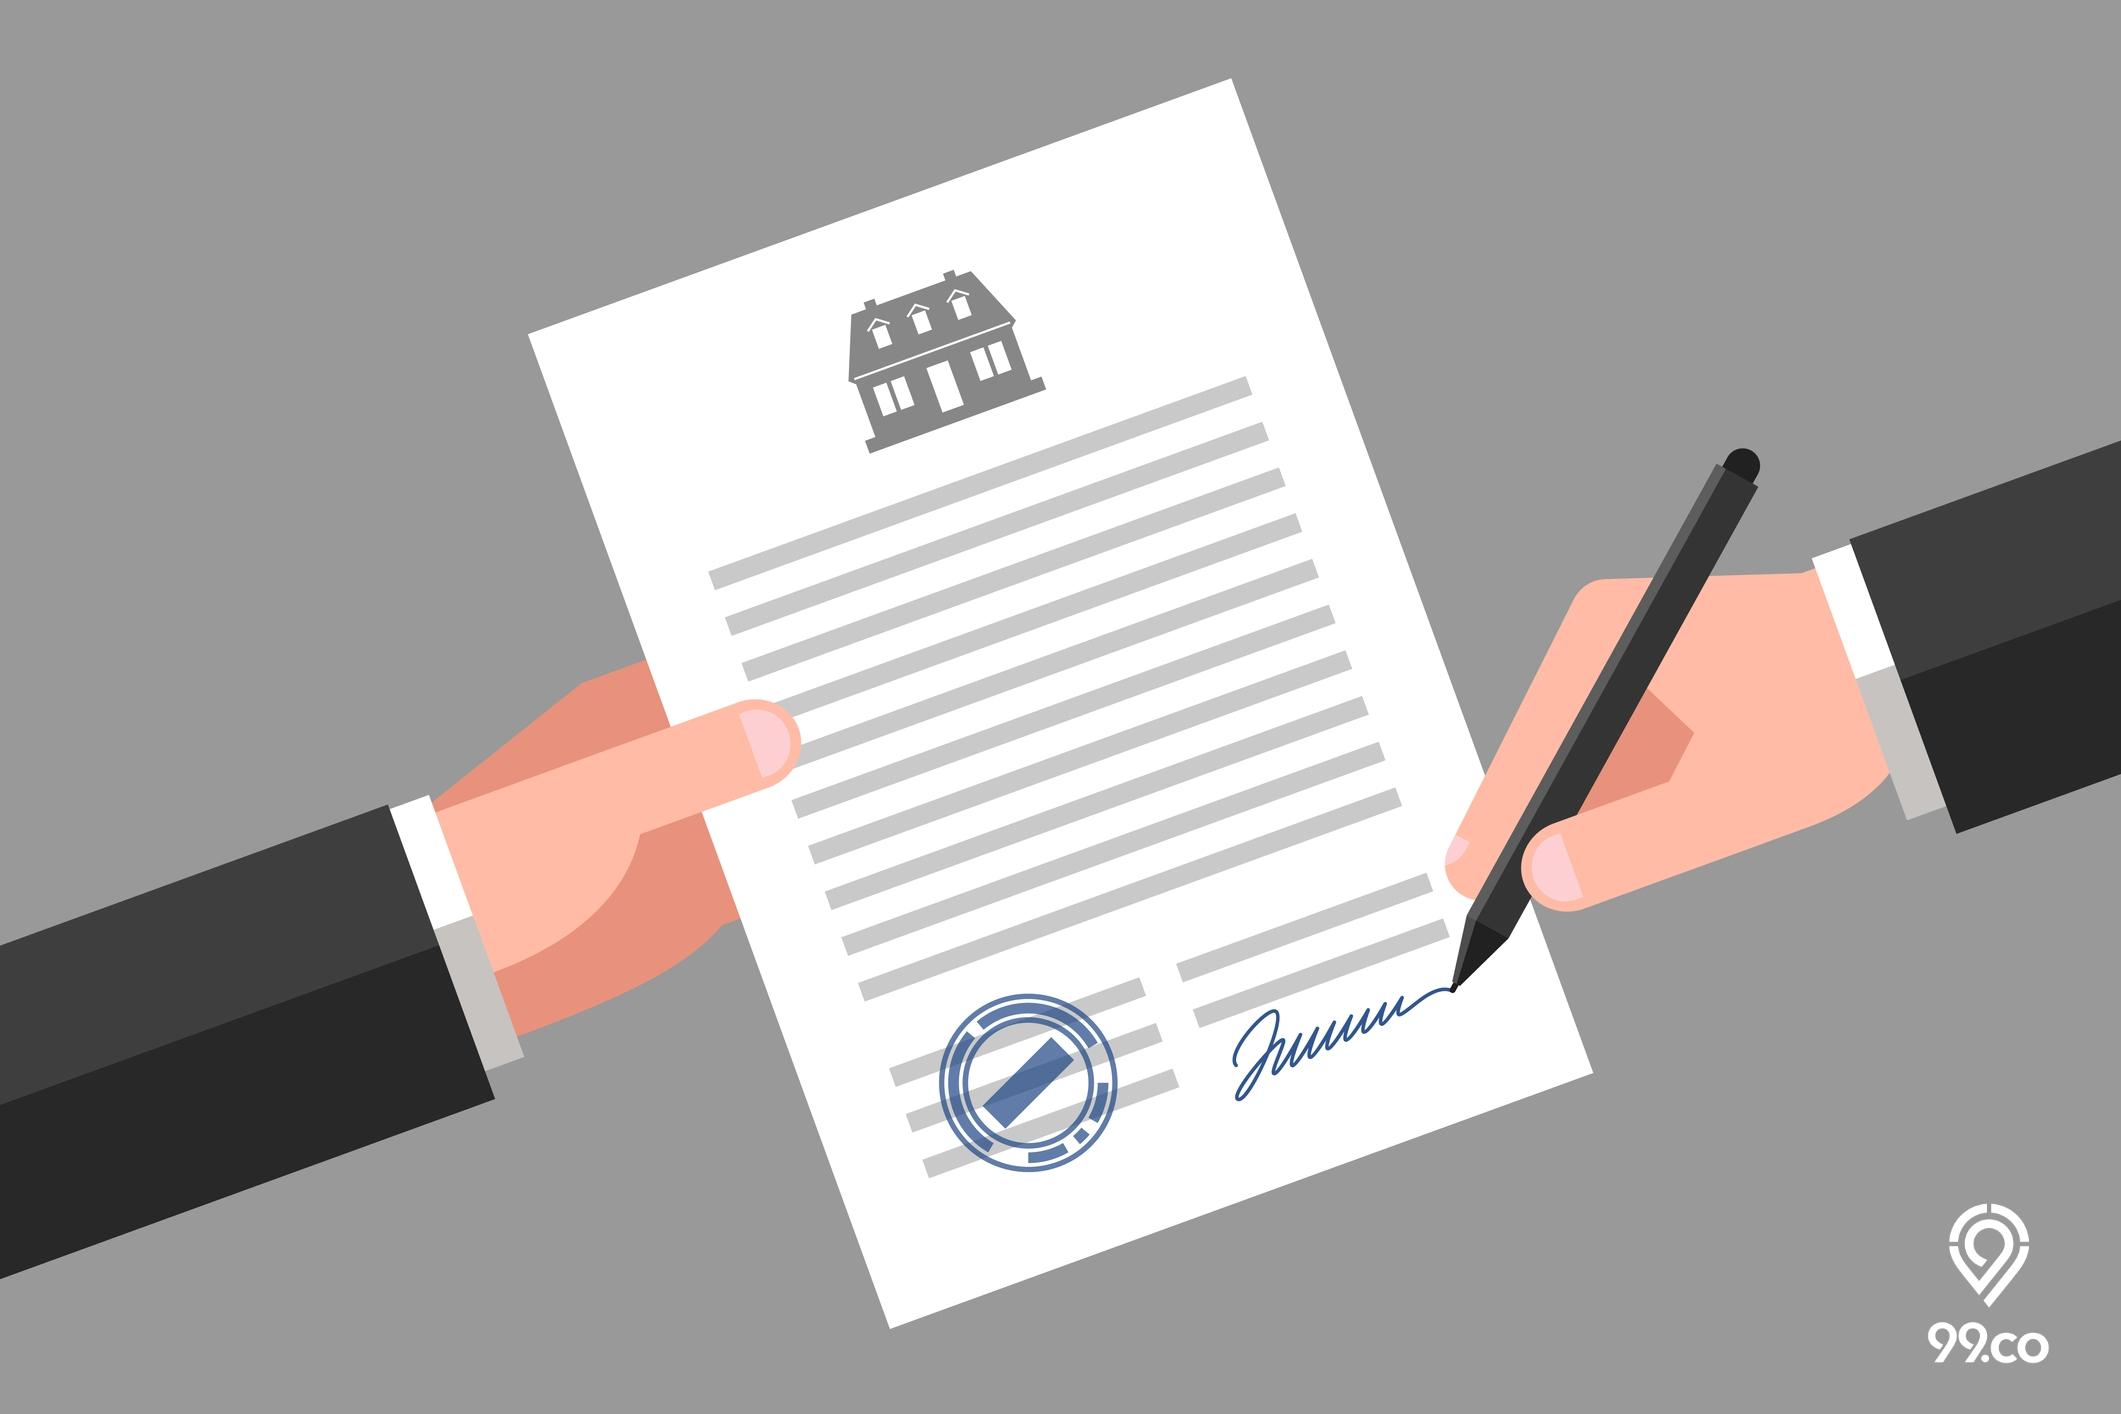 Contoh Surat Keterangan Kerja untuk KPR dan Cara Membuatnya